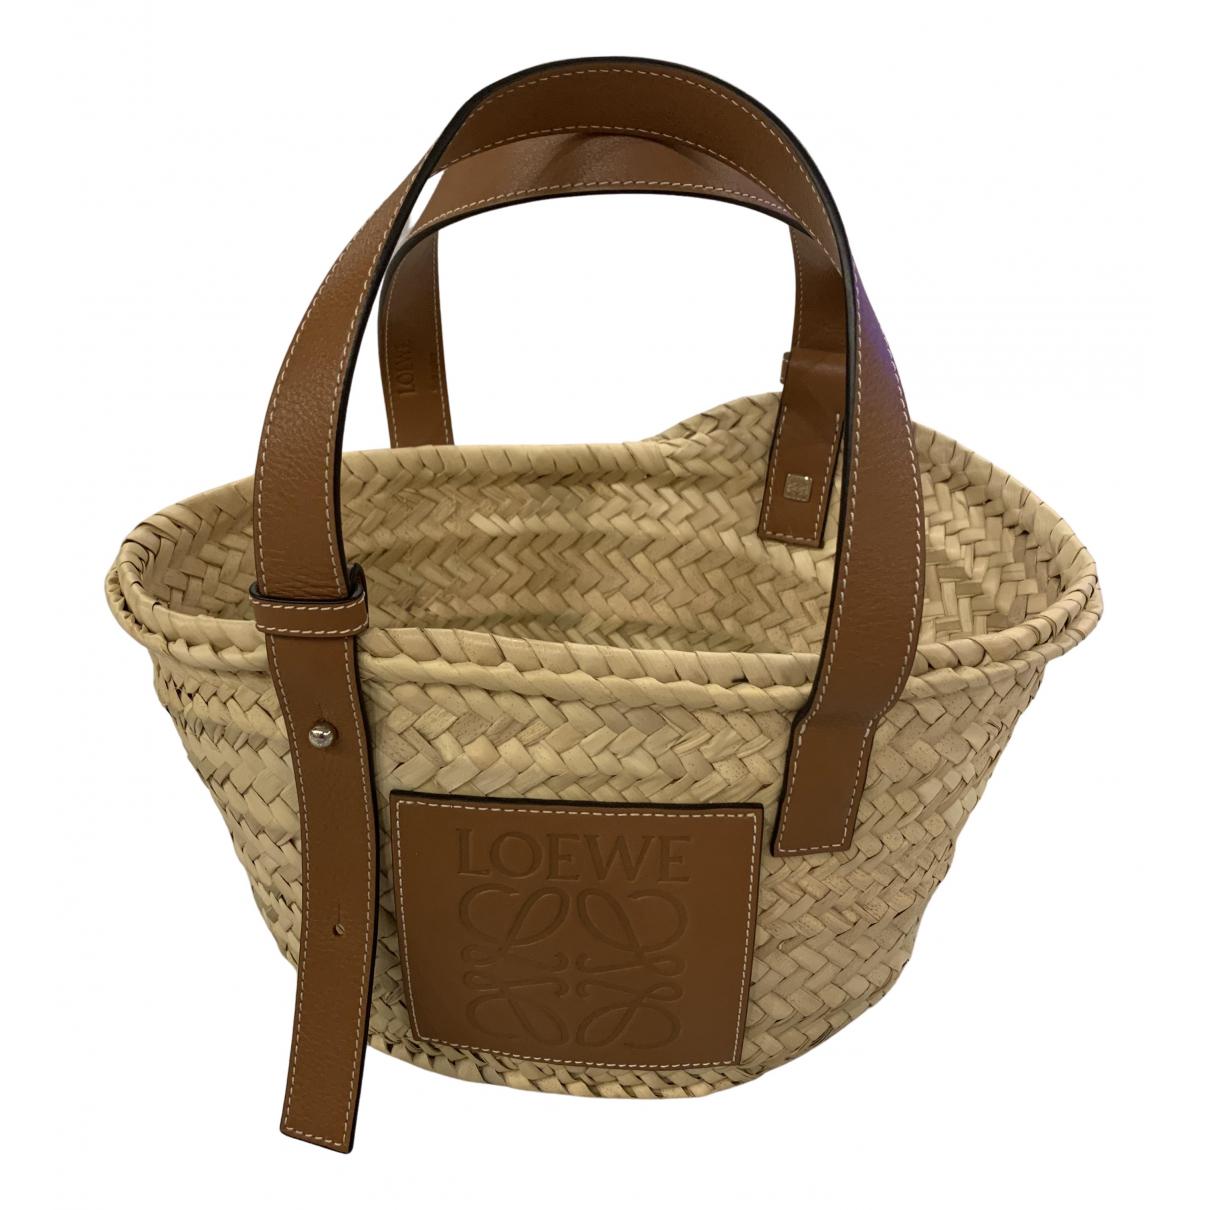 Loewe \N Handtasche in Stroh